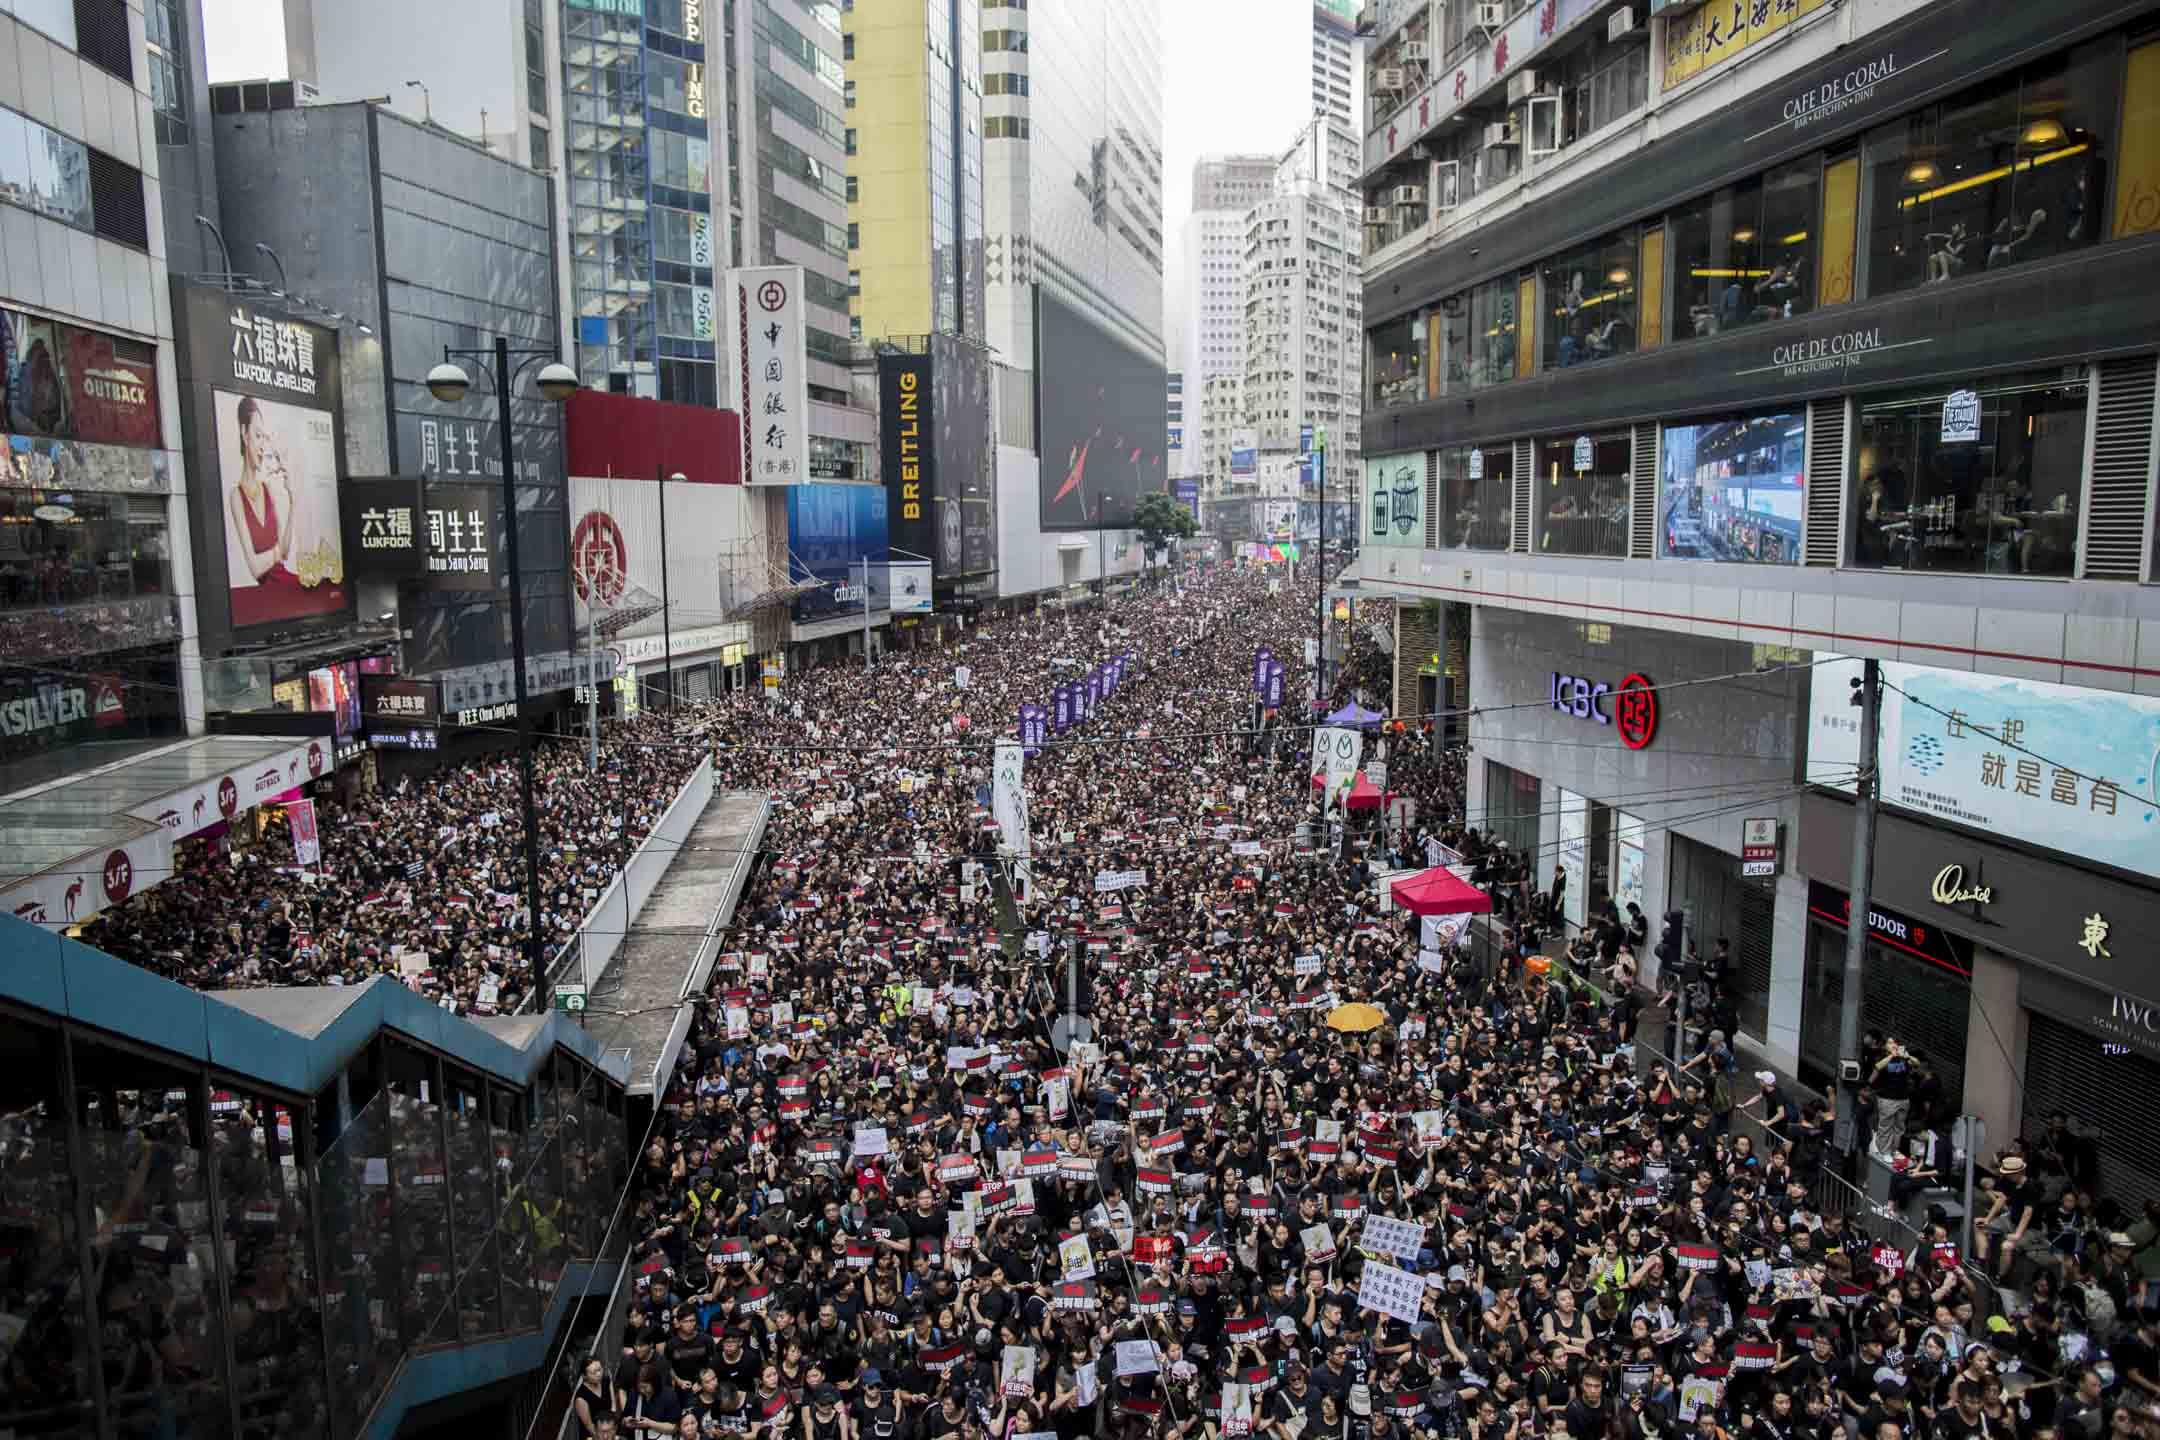 2019年6月16日,民陣發起遊行反對修訂《逃犯條例》。 攝:林振東/端傳媒